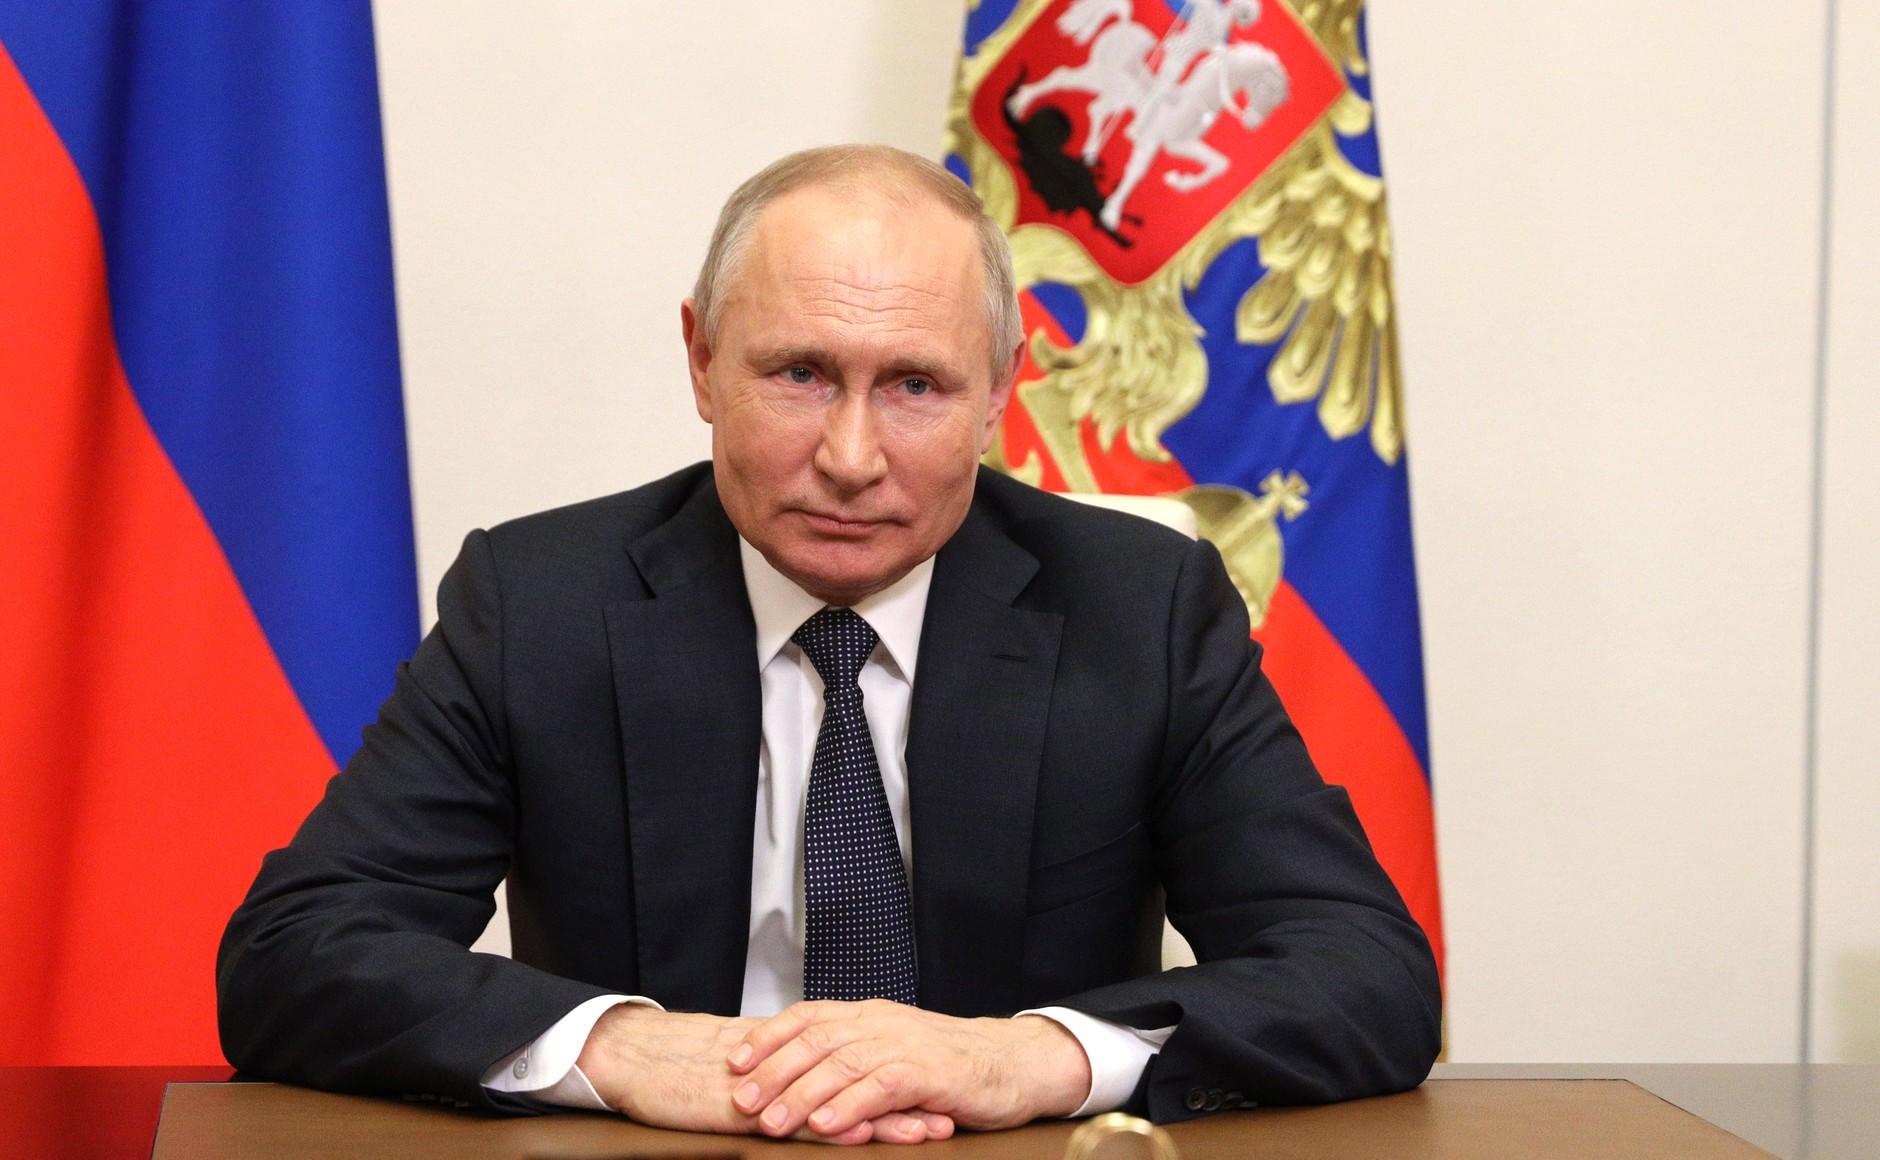 Кремль объявил о встрече Путина с Байденом 16 июня в Женеве